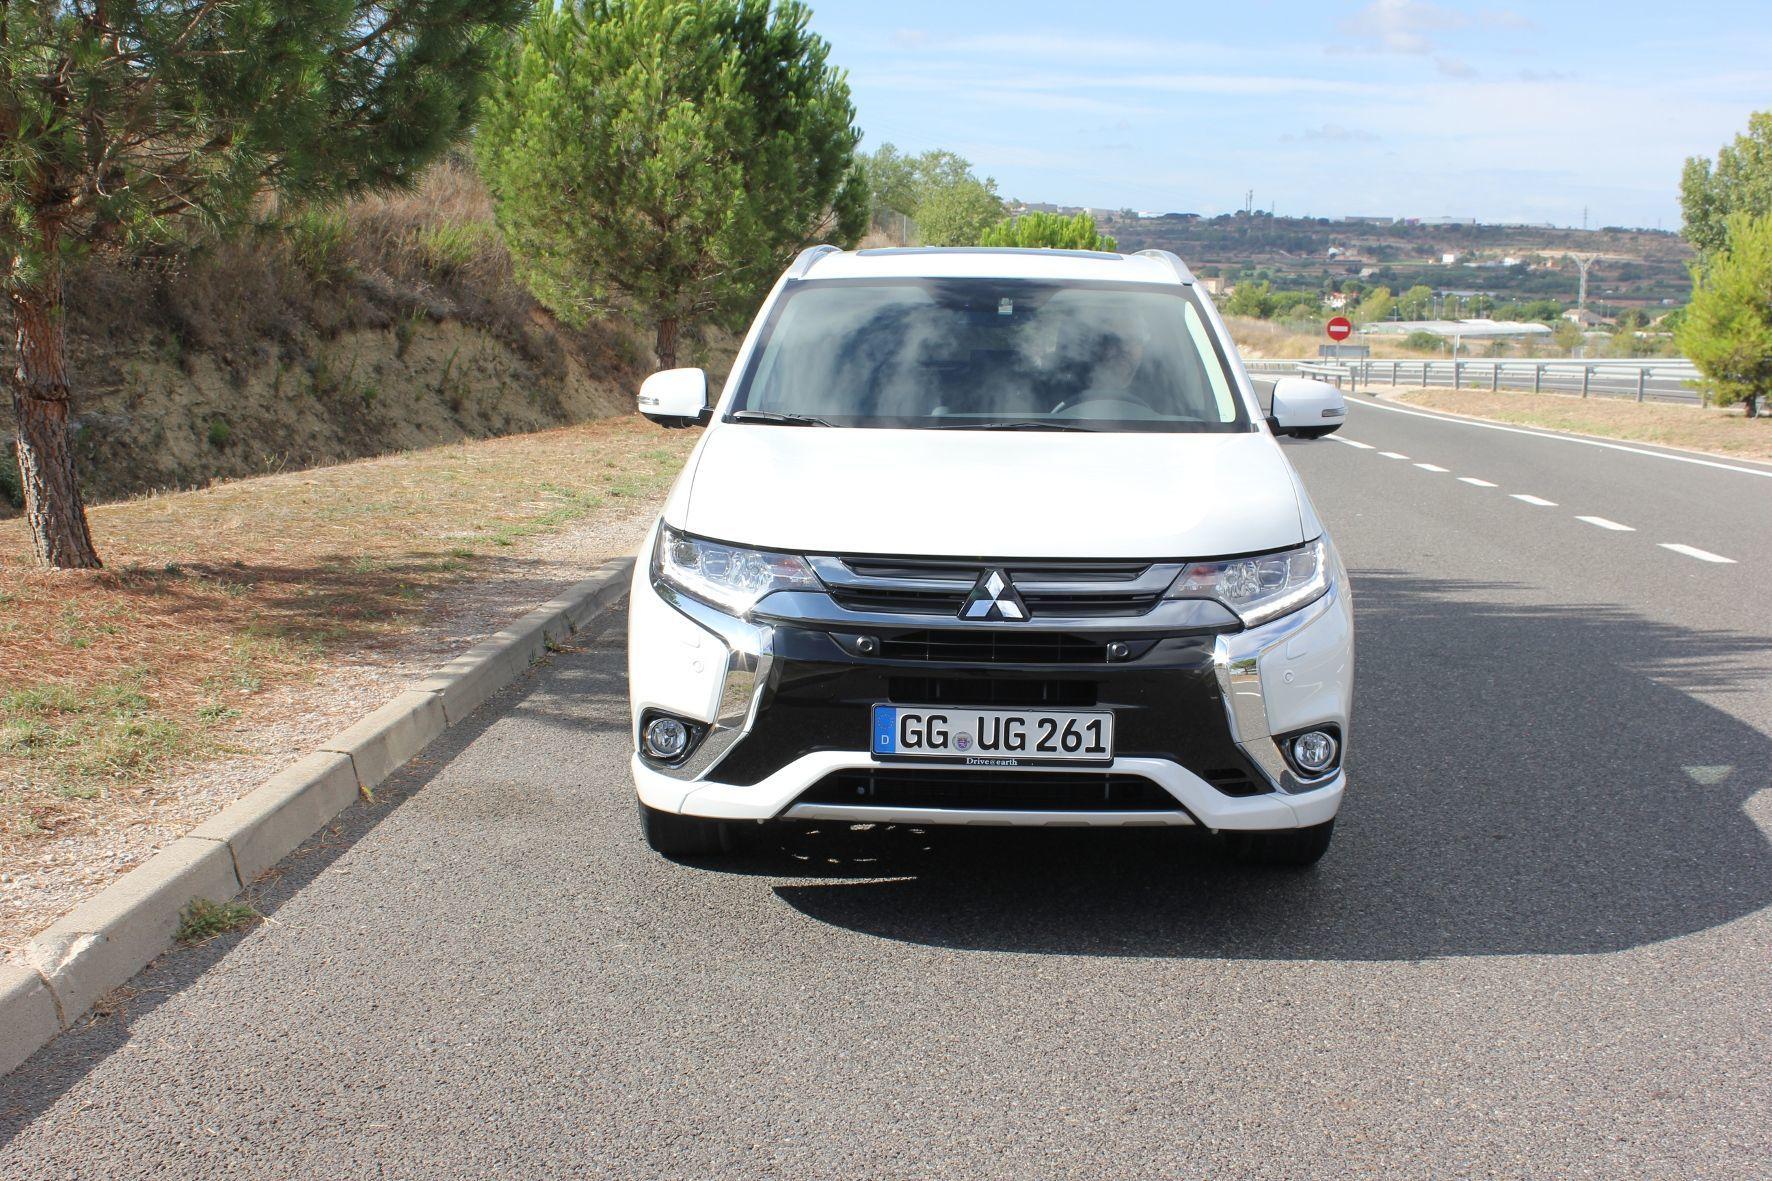 mid Groß-Gerau - Durch die Verwendung von Strom aus erneuerbaren Energien und Fahrzeugen mit Plug-in-Hybridantrieb spart Mitsubishi mehr als 180 Tonnen Kohlendioxid ein.